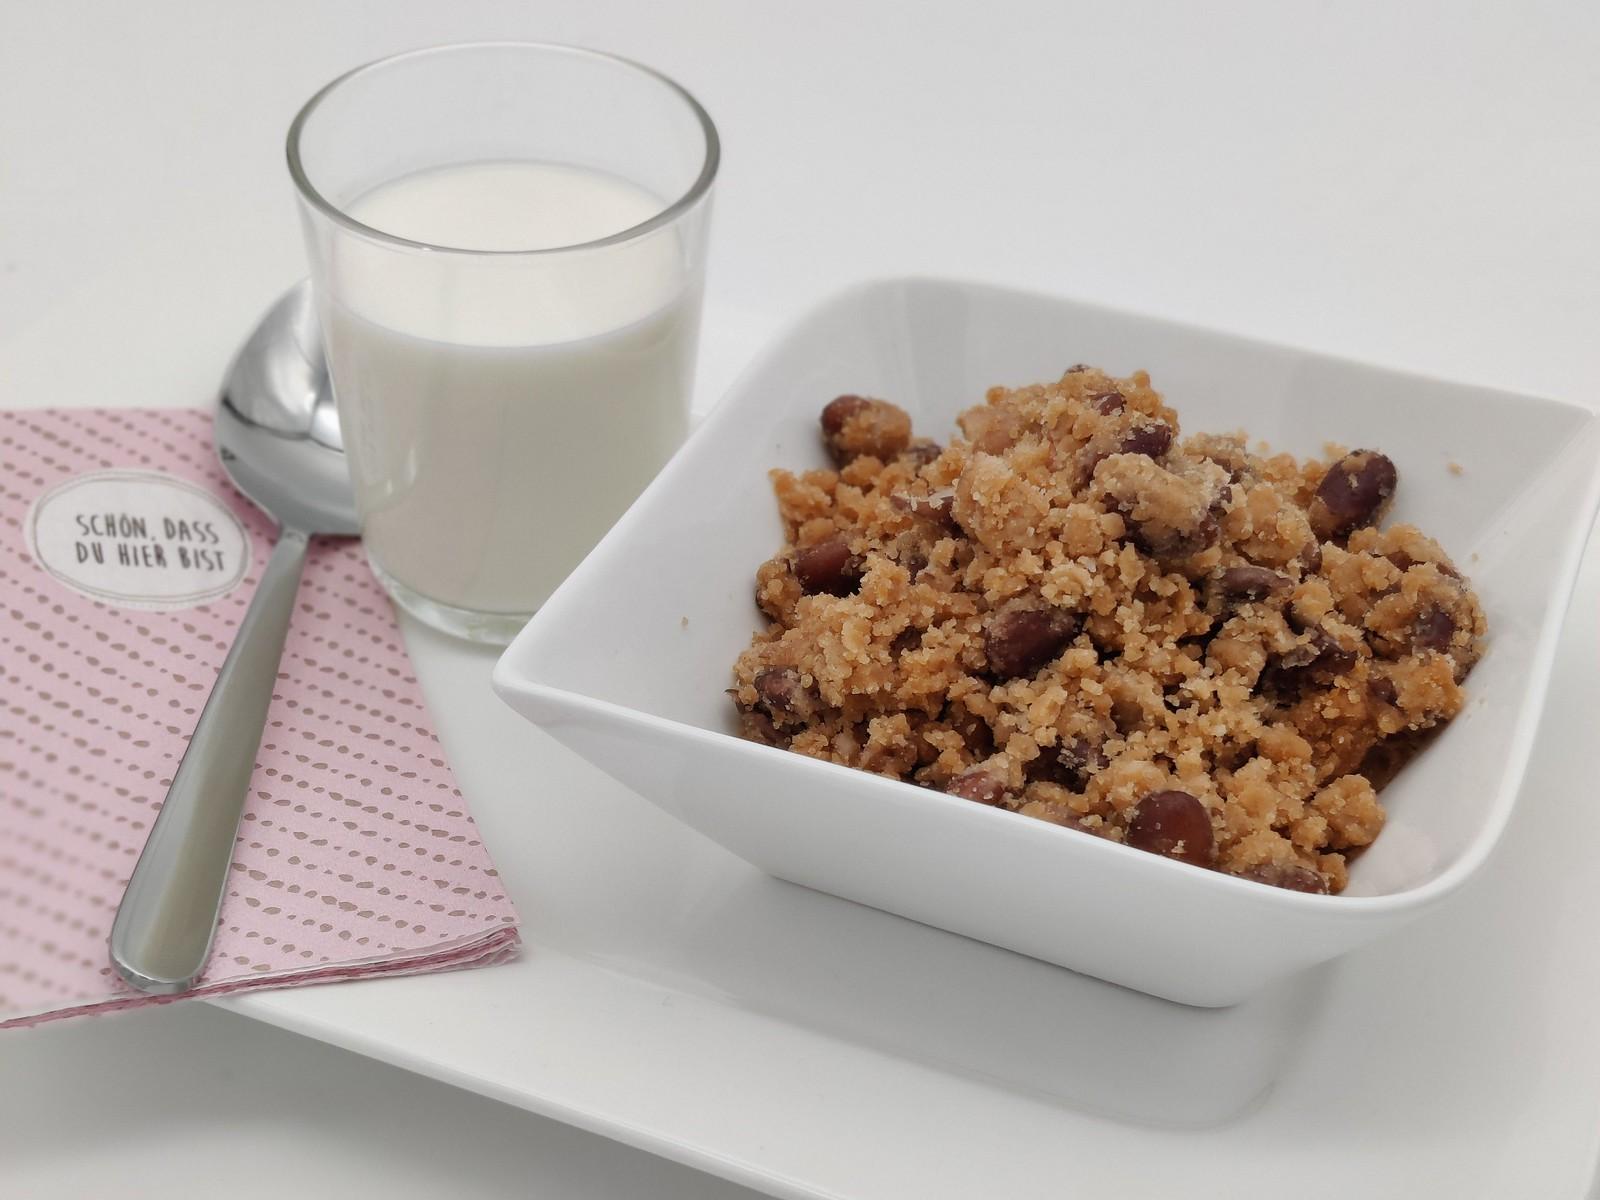 Meine Lieblingskombination ❤ - Bohnensterz und Milch